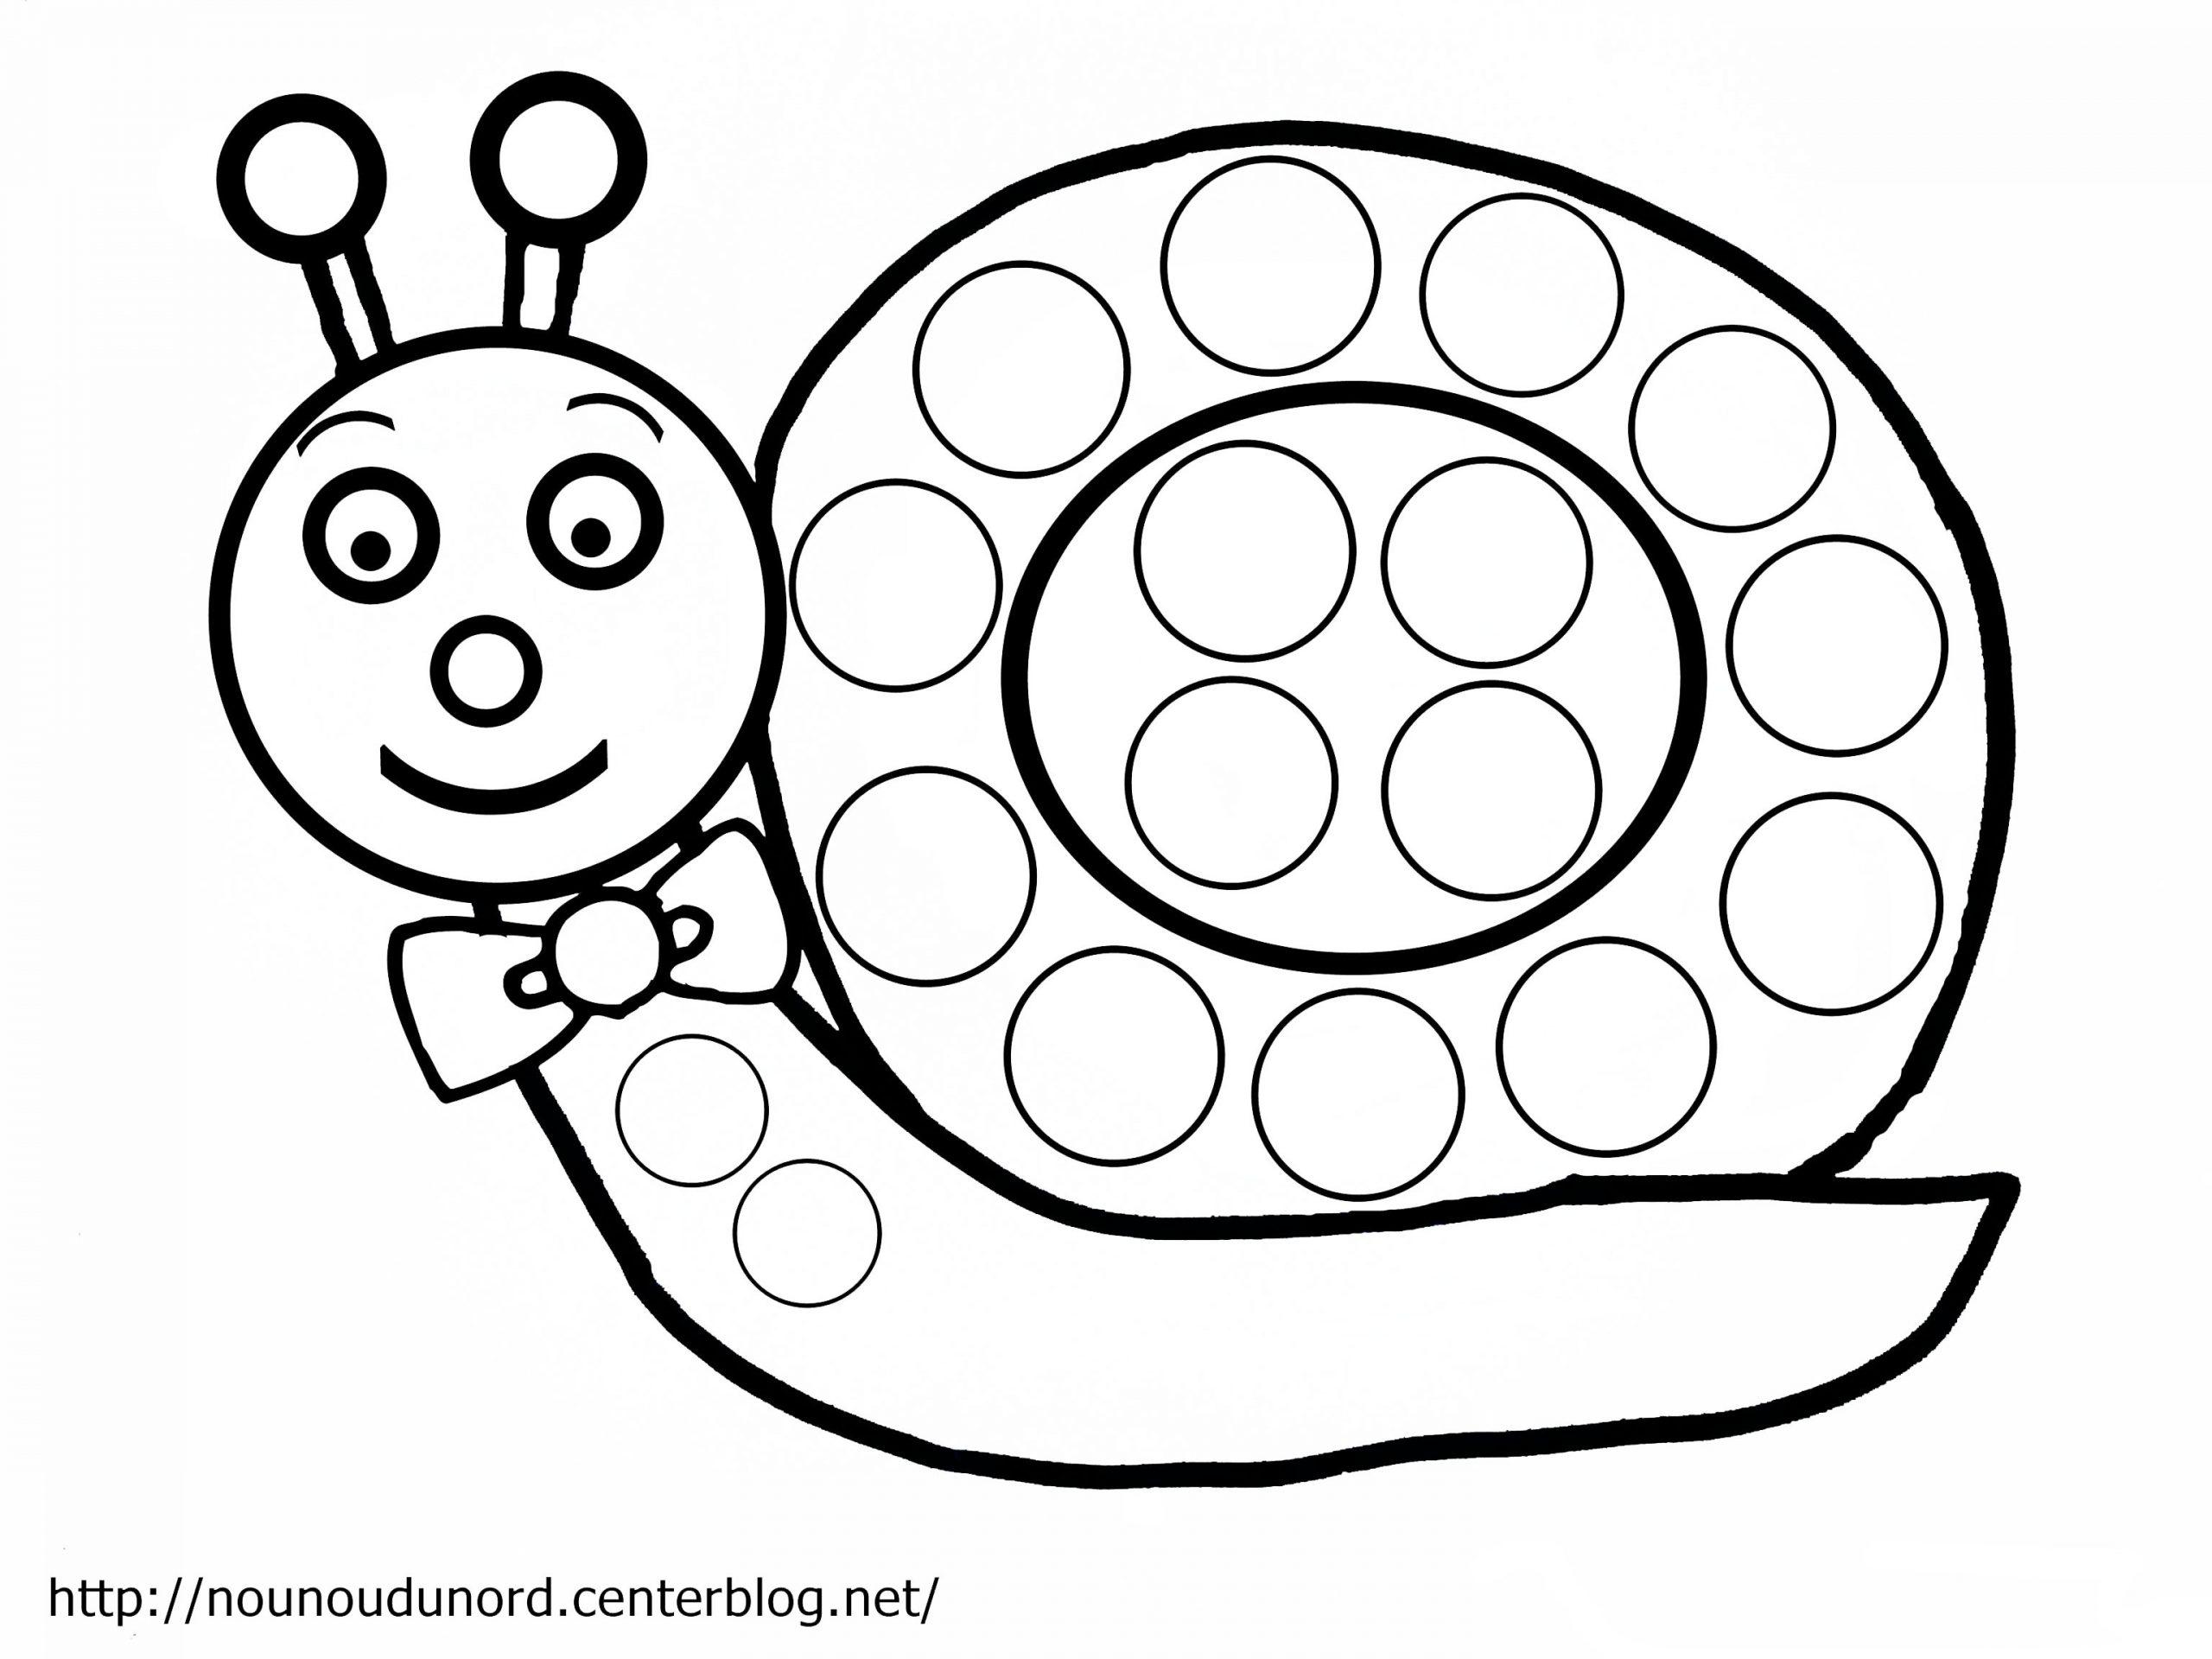 Dessins Gratuits À Colorier - Coloriage Escargot À Imprimer à Jeux Gratuit Escargot